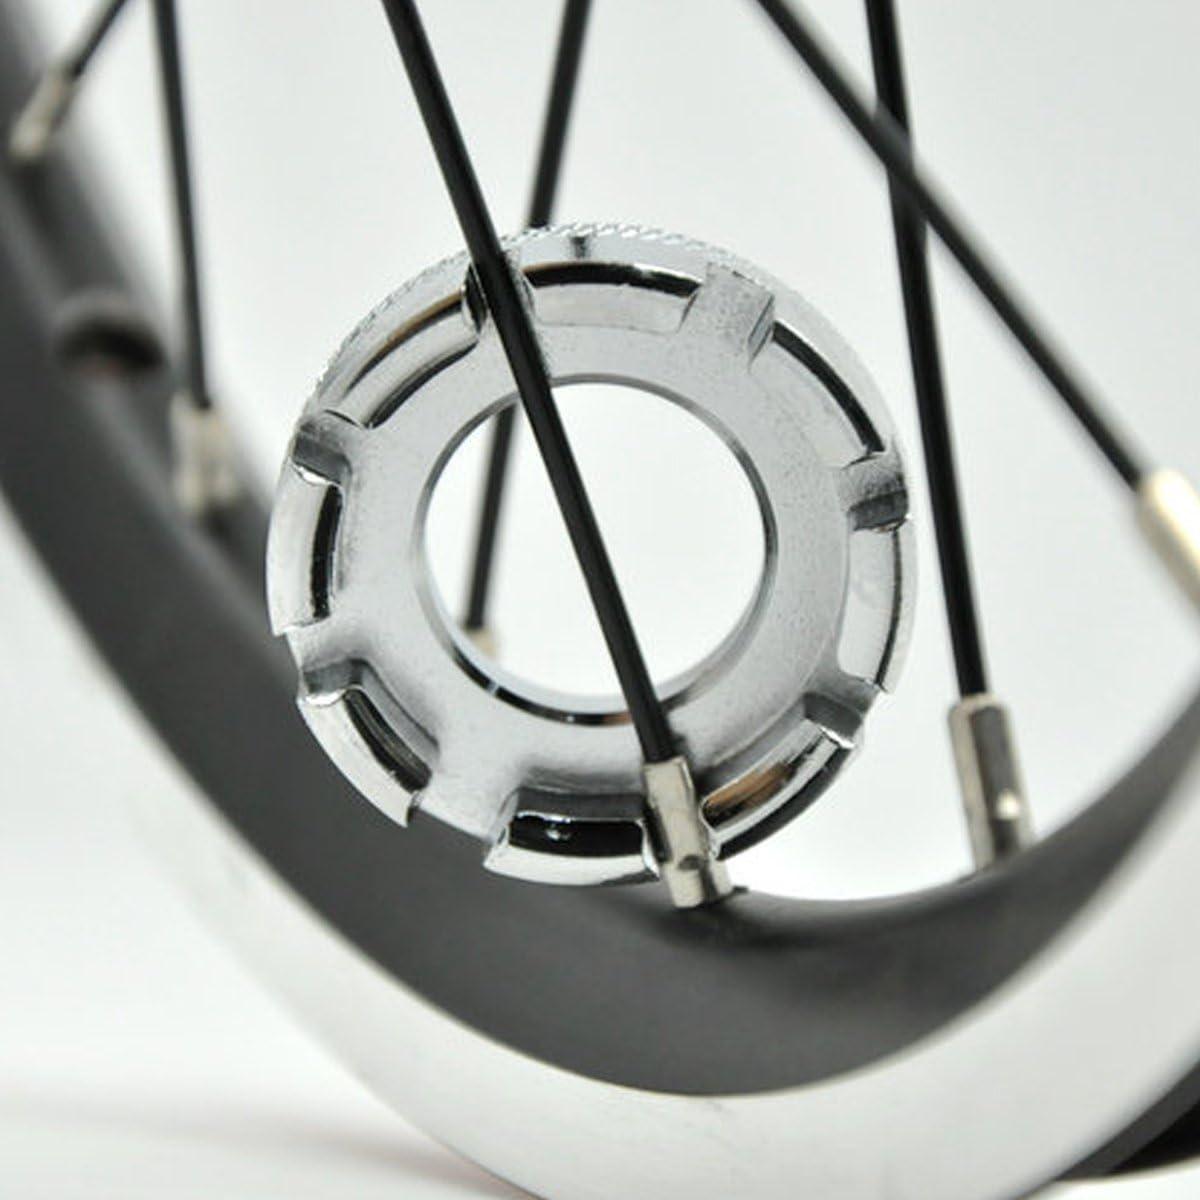 Fahrrad Speichen Nippelspanner Spanner Werkzeug Zubehör for Tief Felgen Nützlich